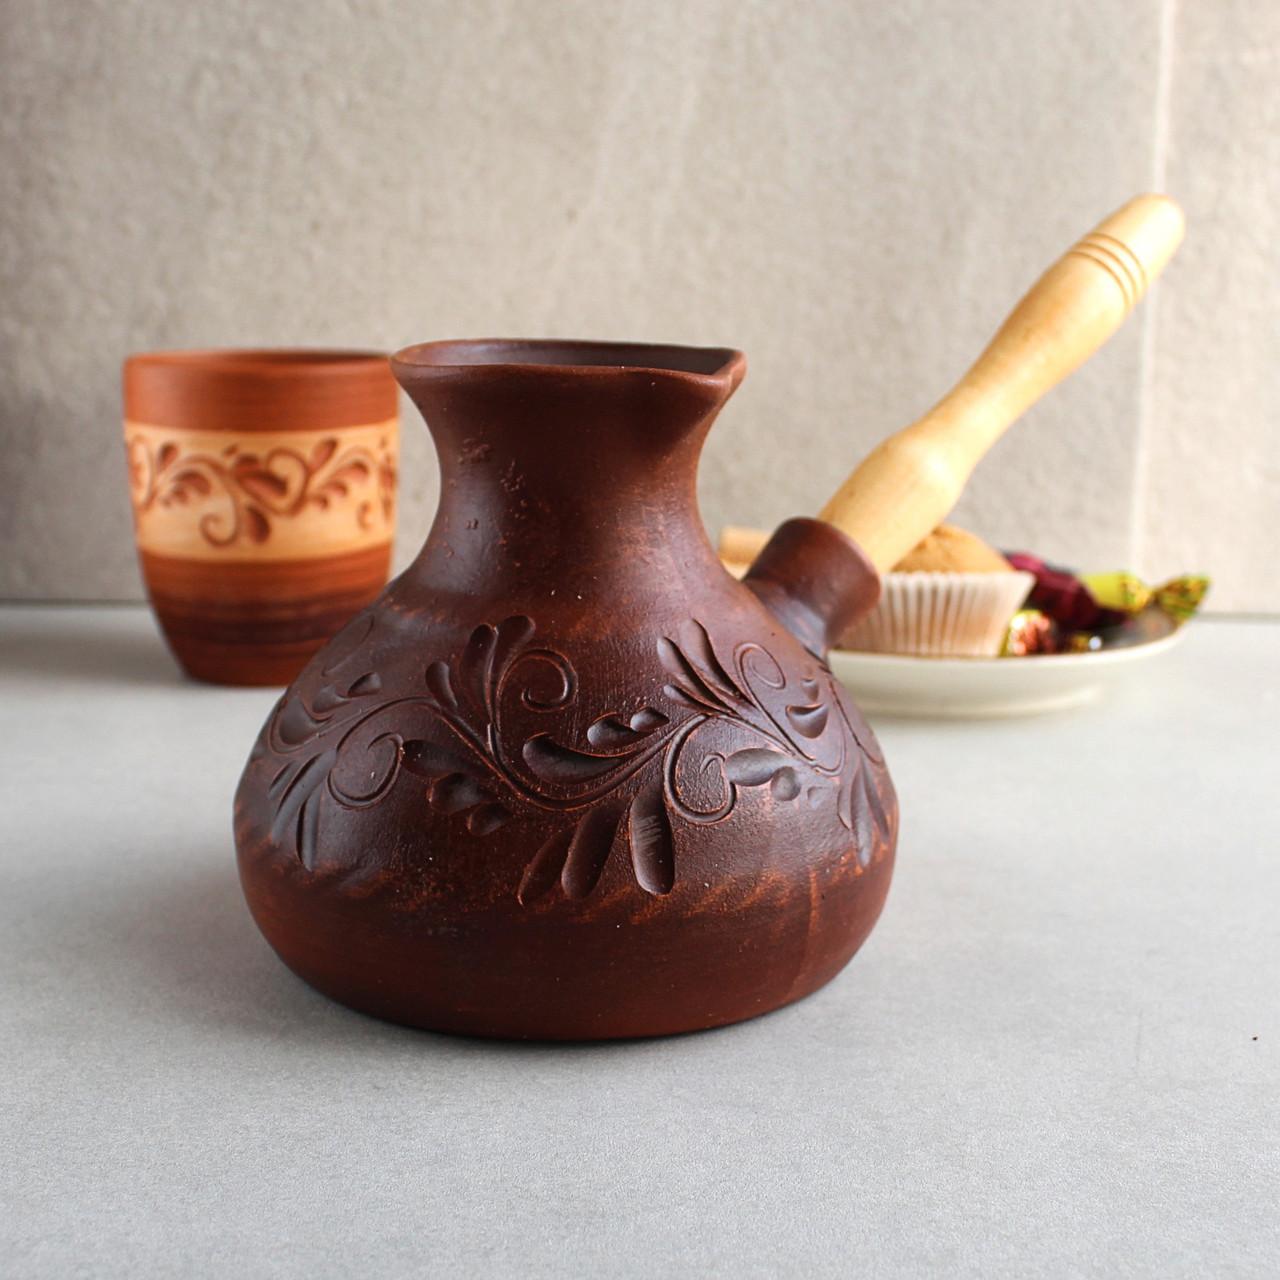 Керамическая турка 700 мл из красной глины с деревянной ручкой, украинская керамика